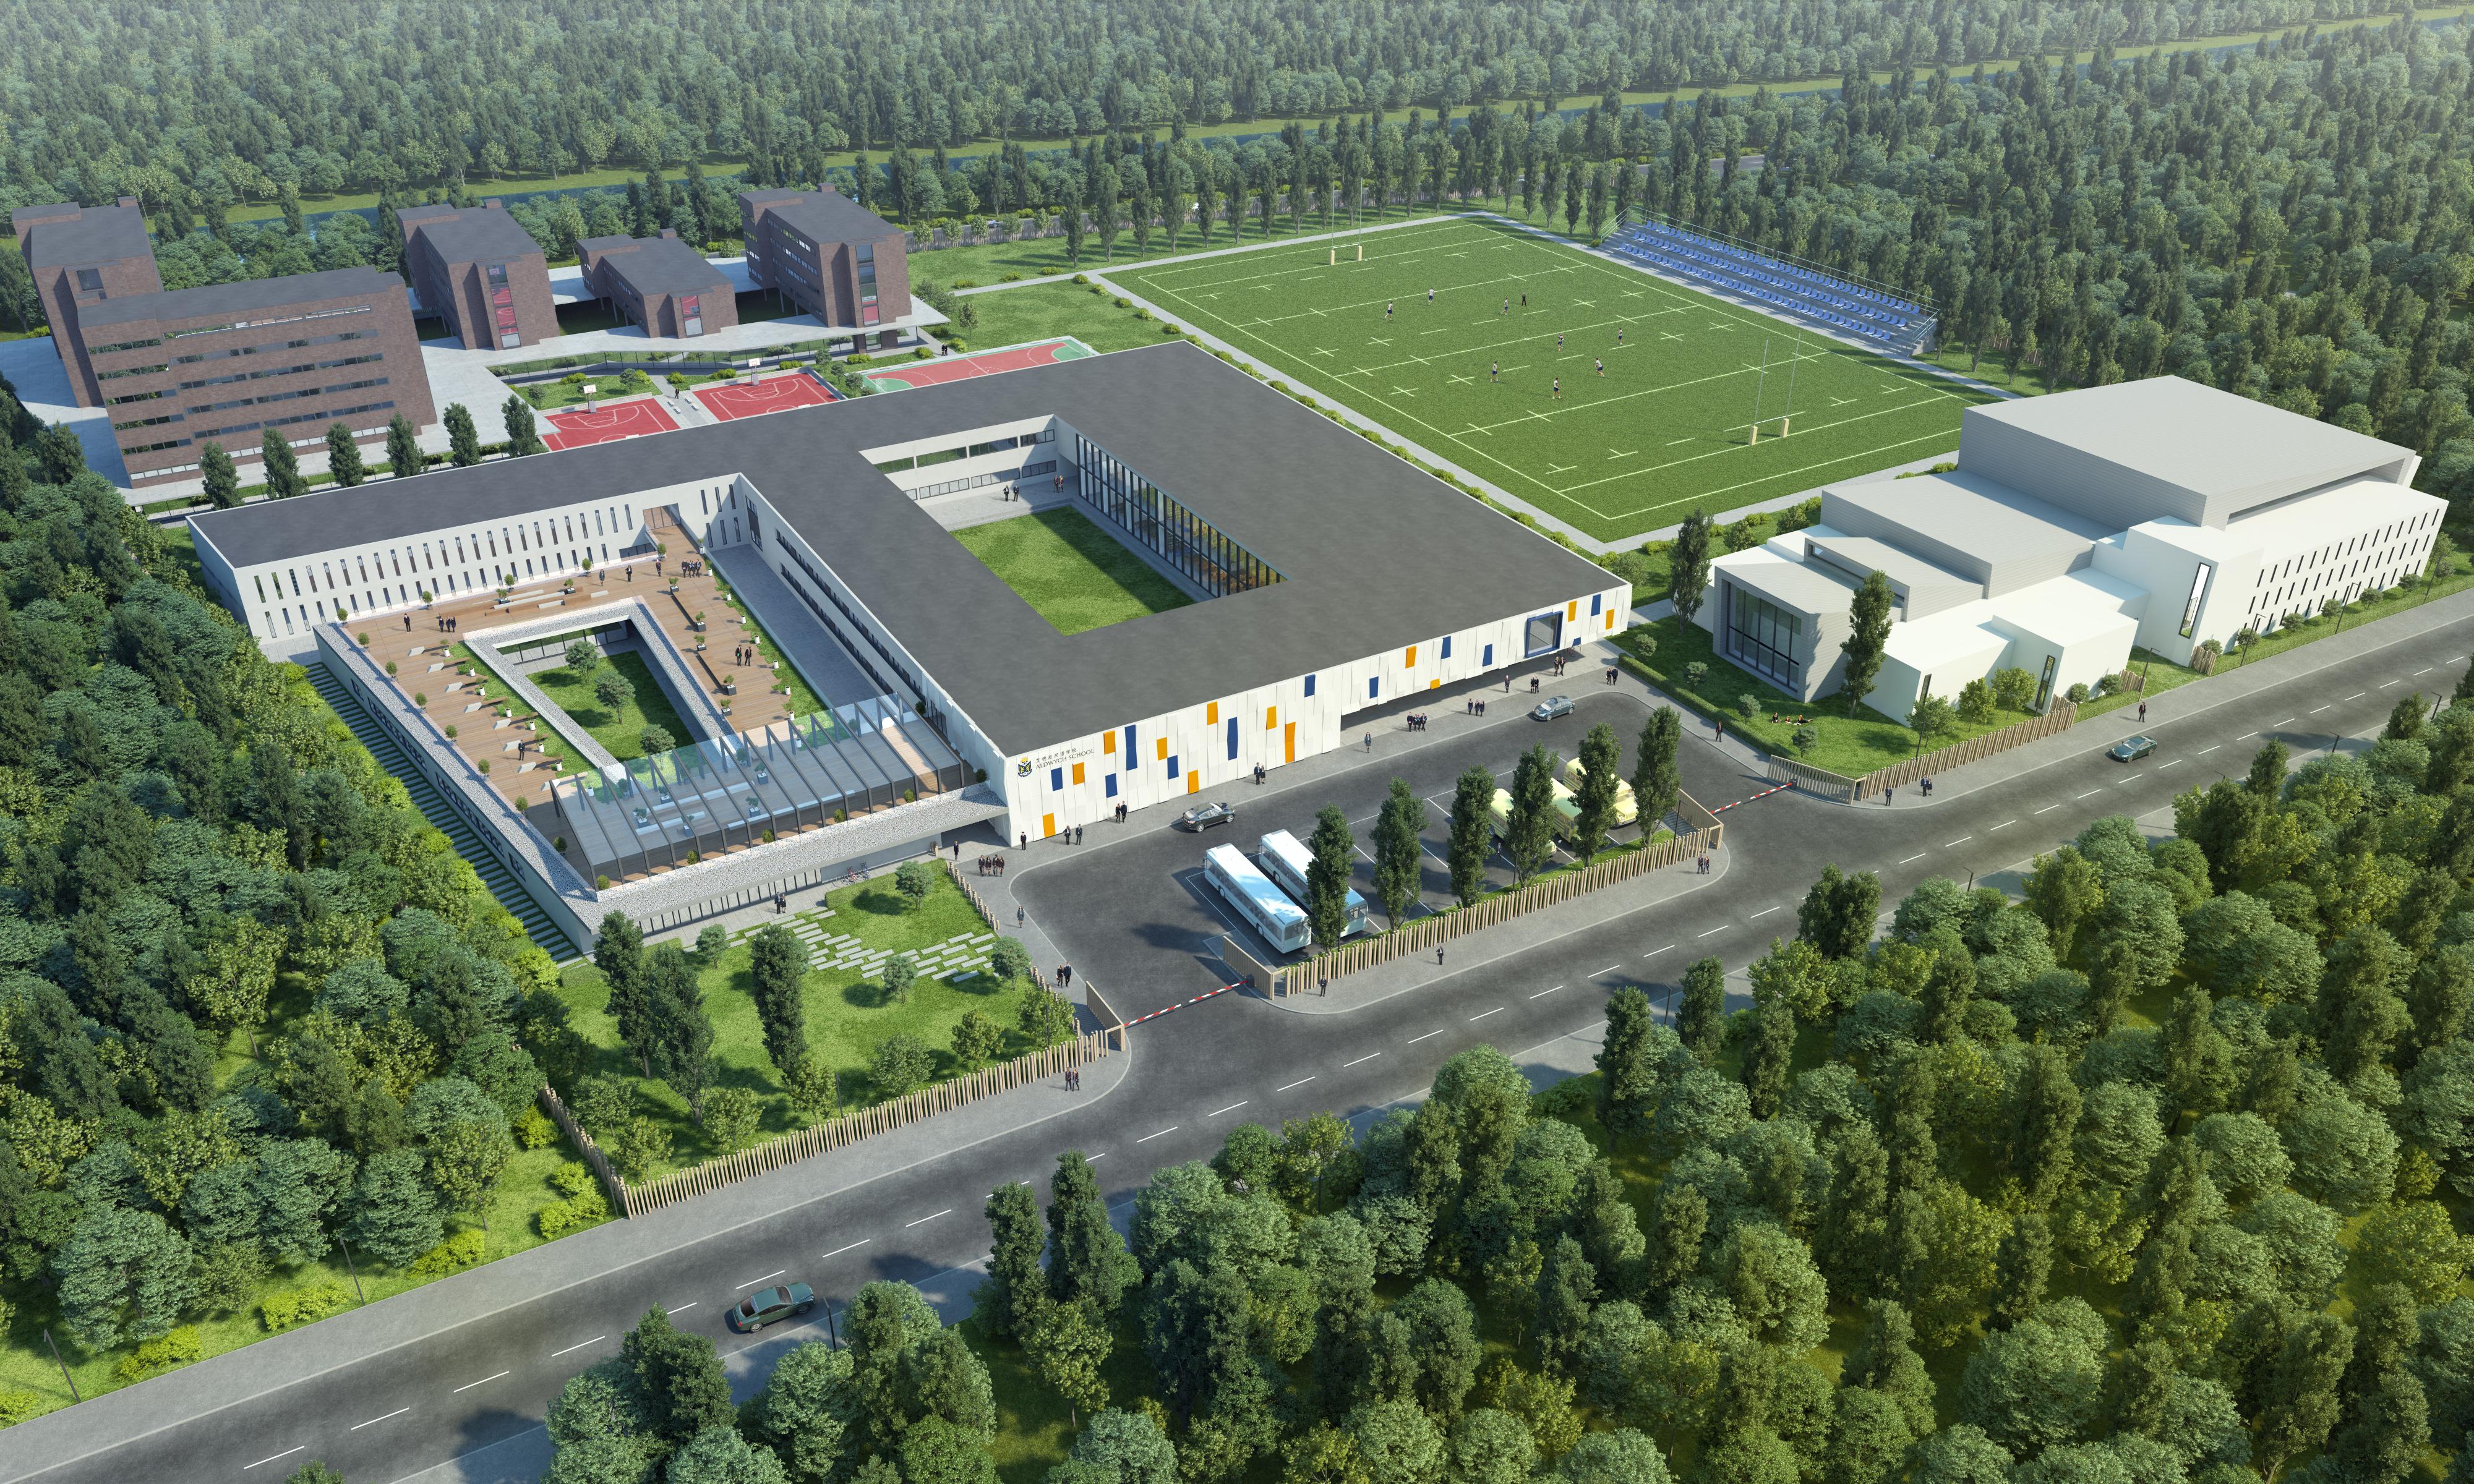 Aldwych school 3d visualization